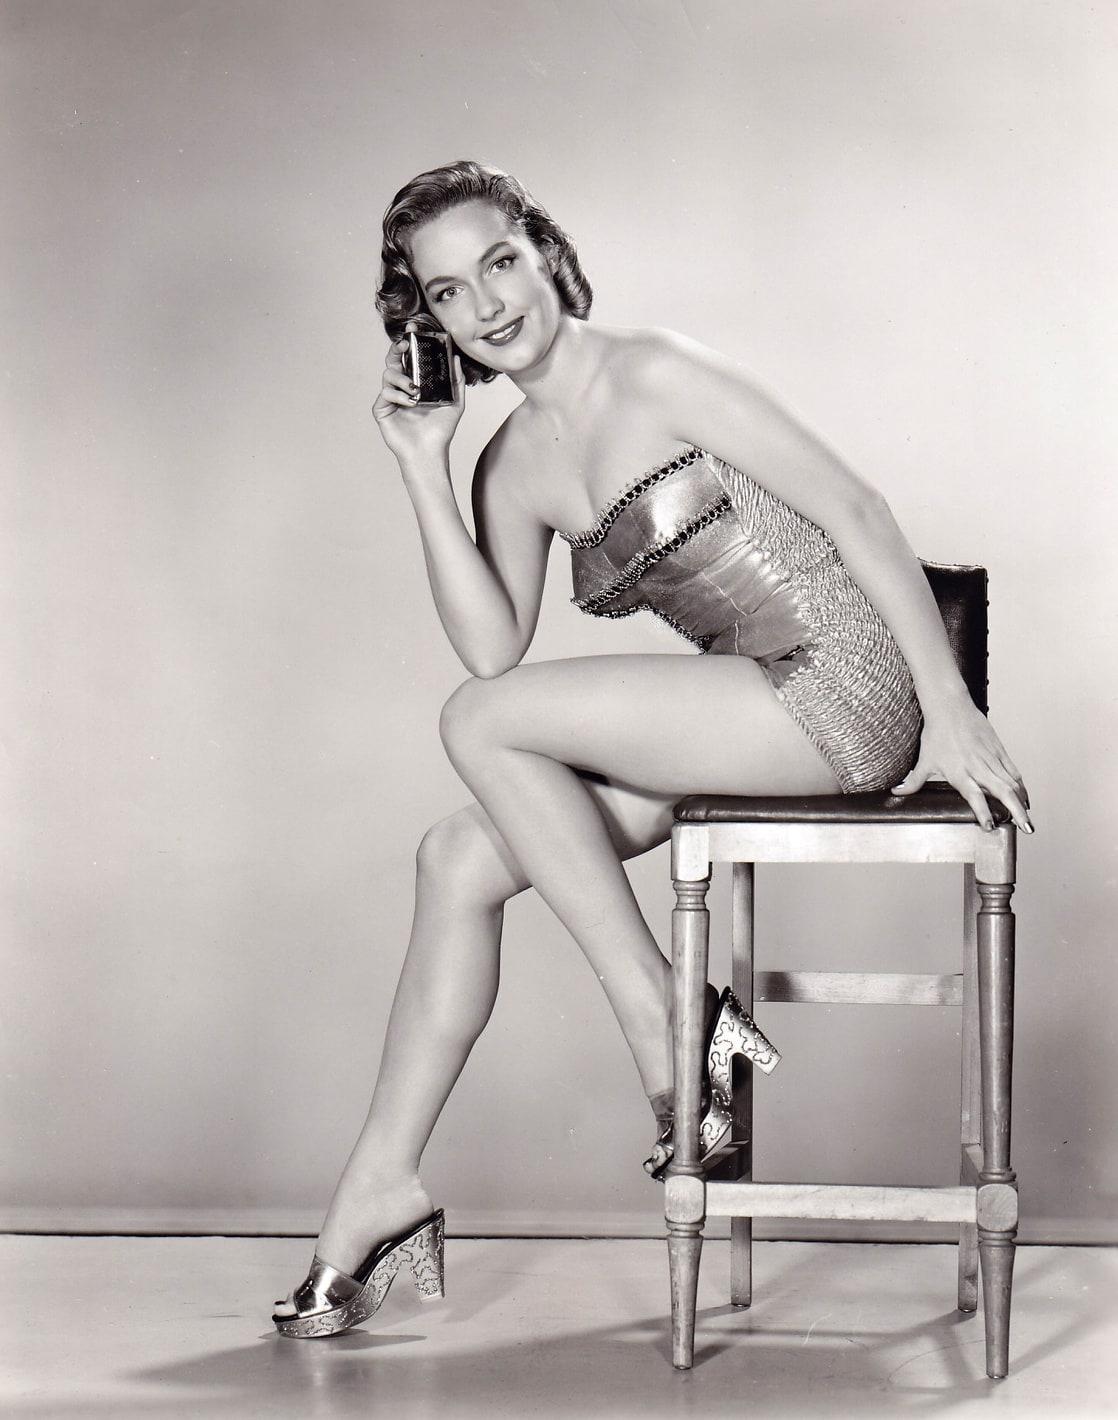 Elsie Randolph,Claire dela Fuente (b. 1958) Sex fotos Parisa Fitz-Henley,Ethel Grey Terry